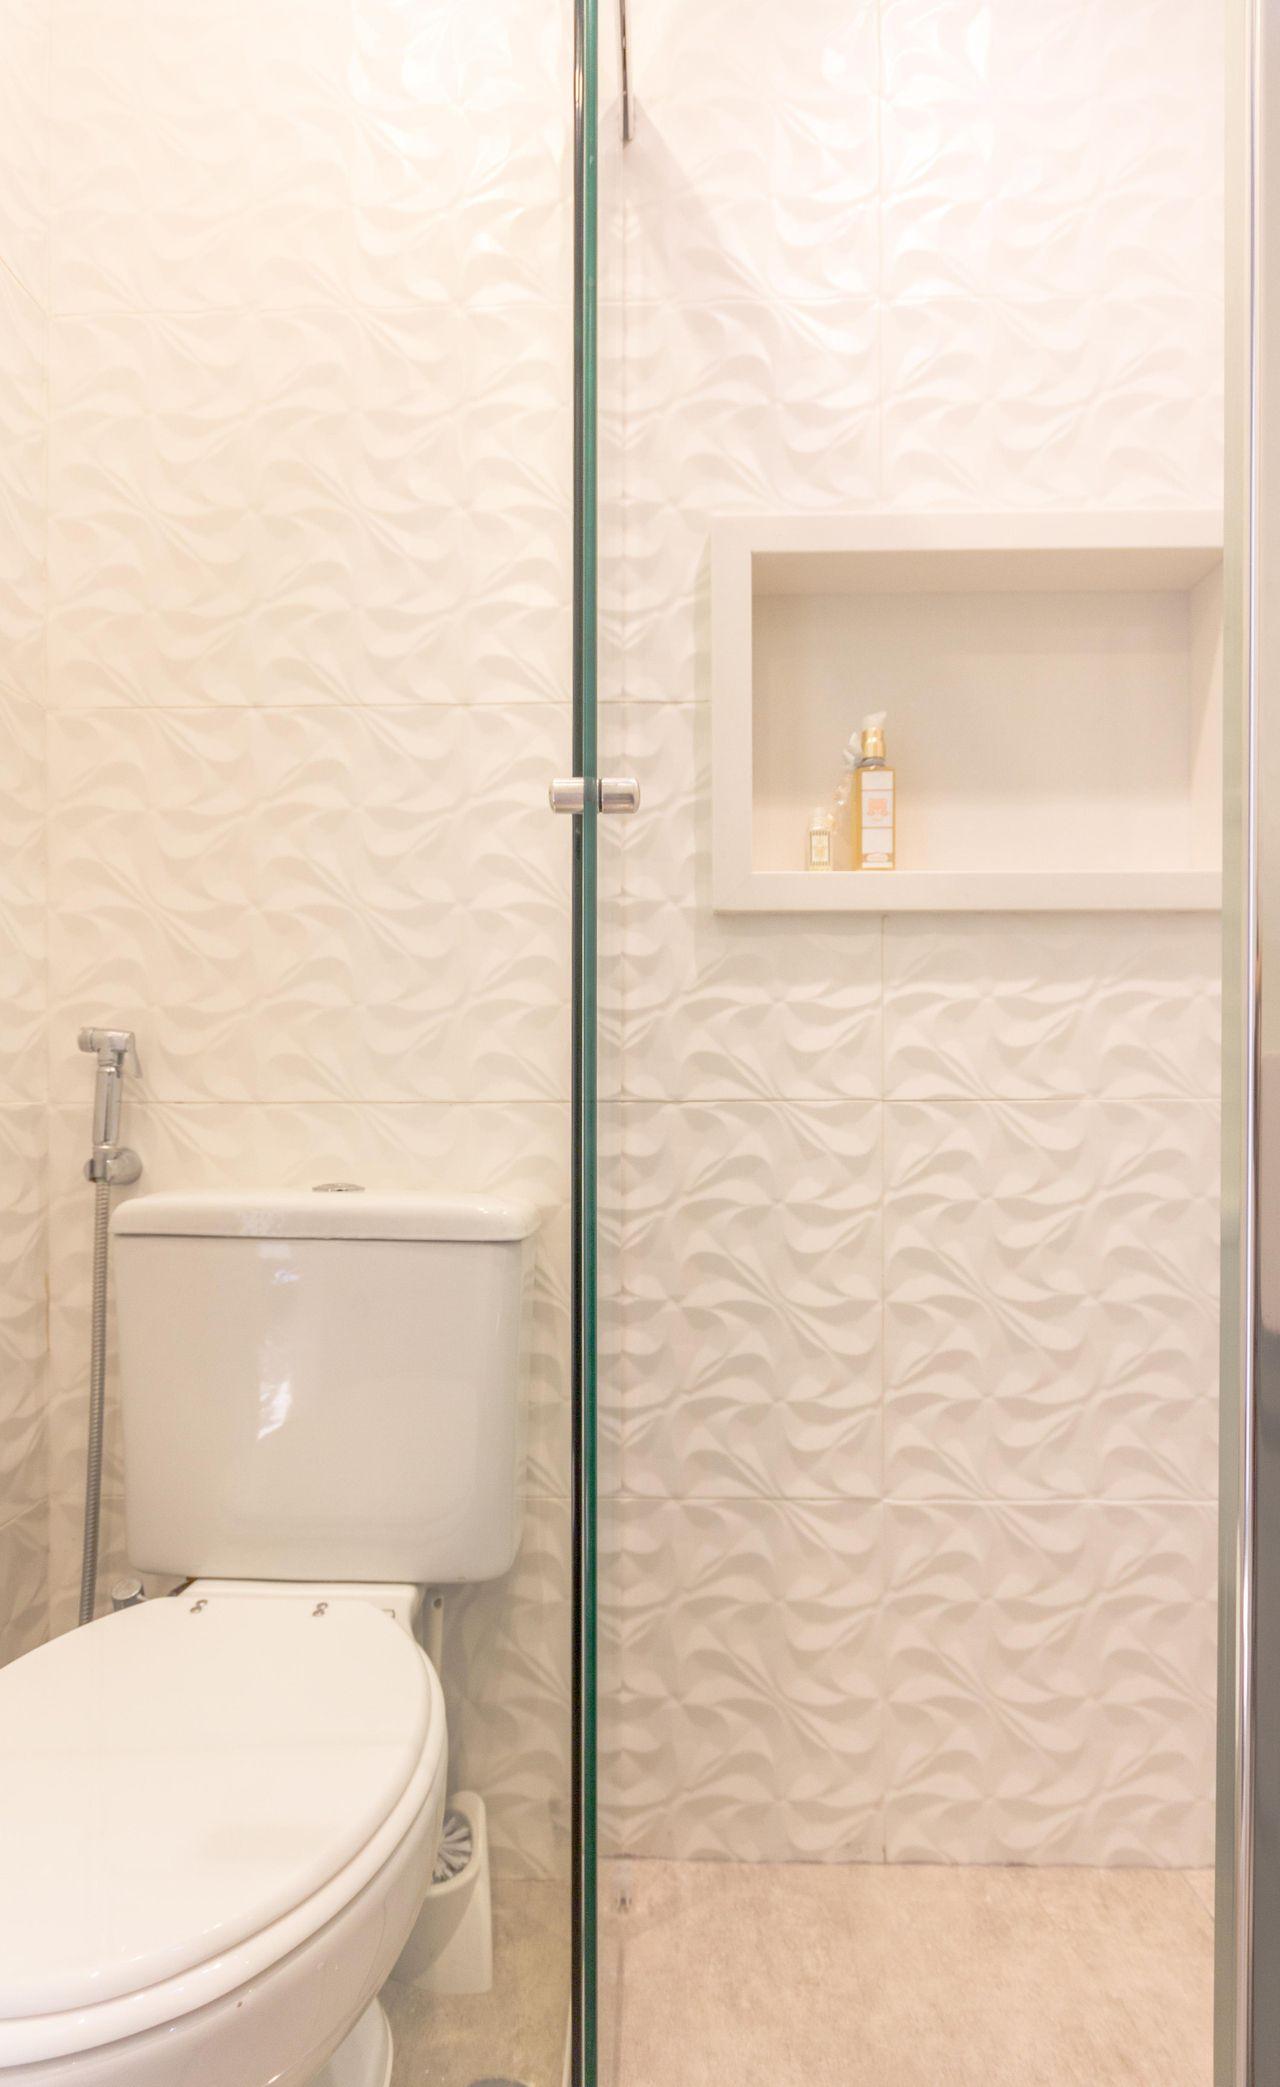 f533feff9 Decoração Banheiro simples Espaço para colocar os acessórios elensaravalli  43014